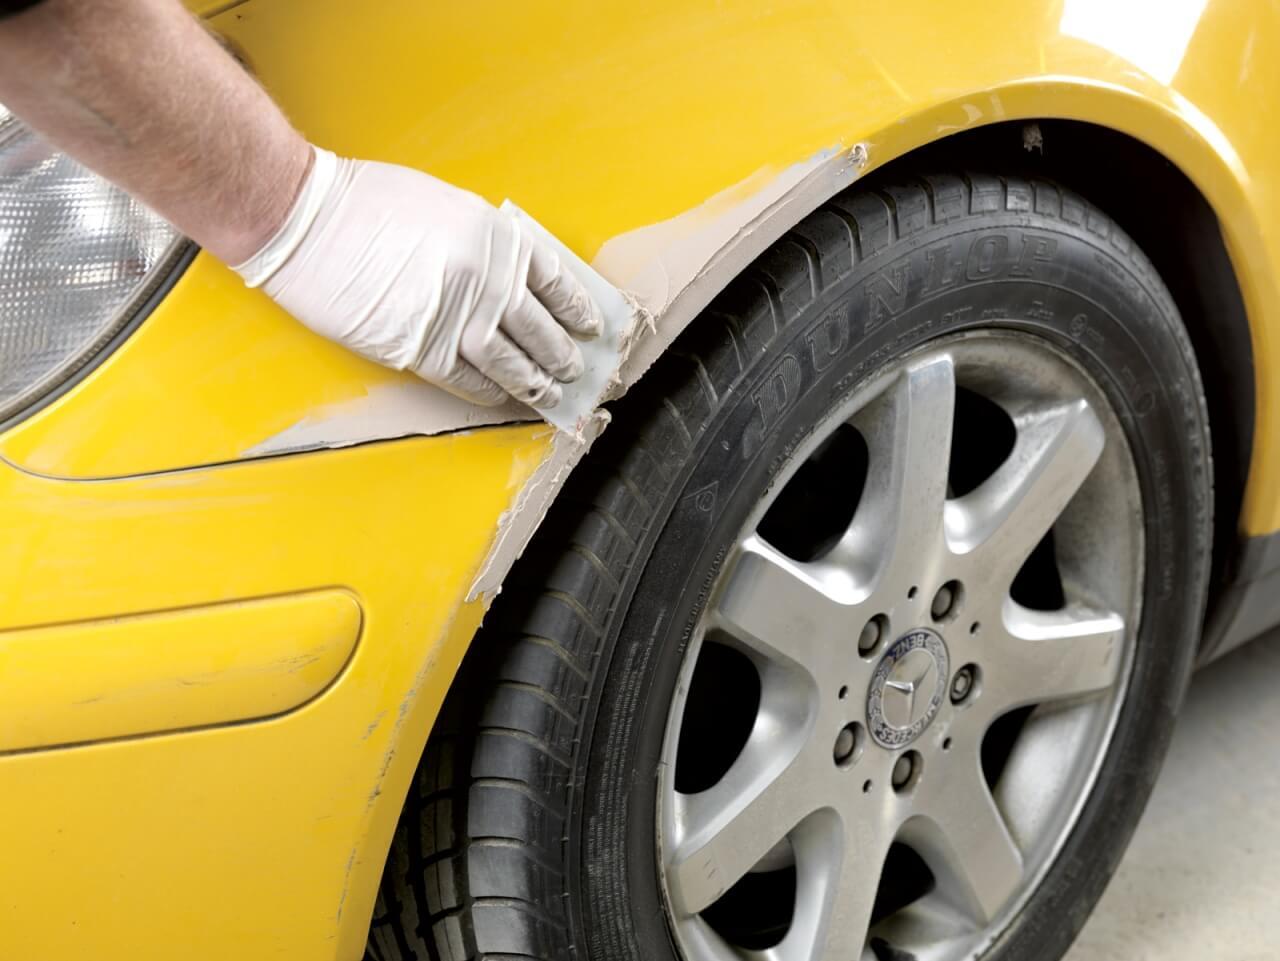 Купить шпаклевку для автомобиля - онлайн-магазин Autoproof